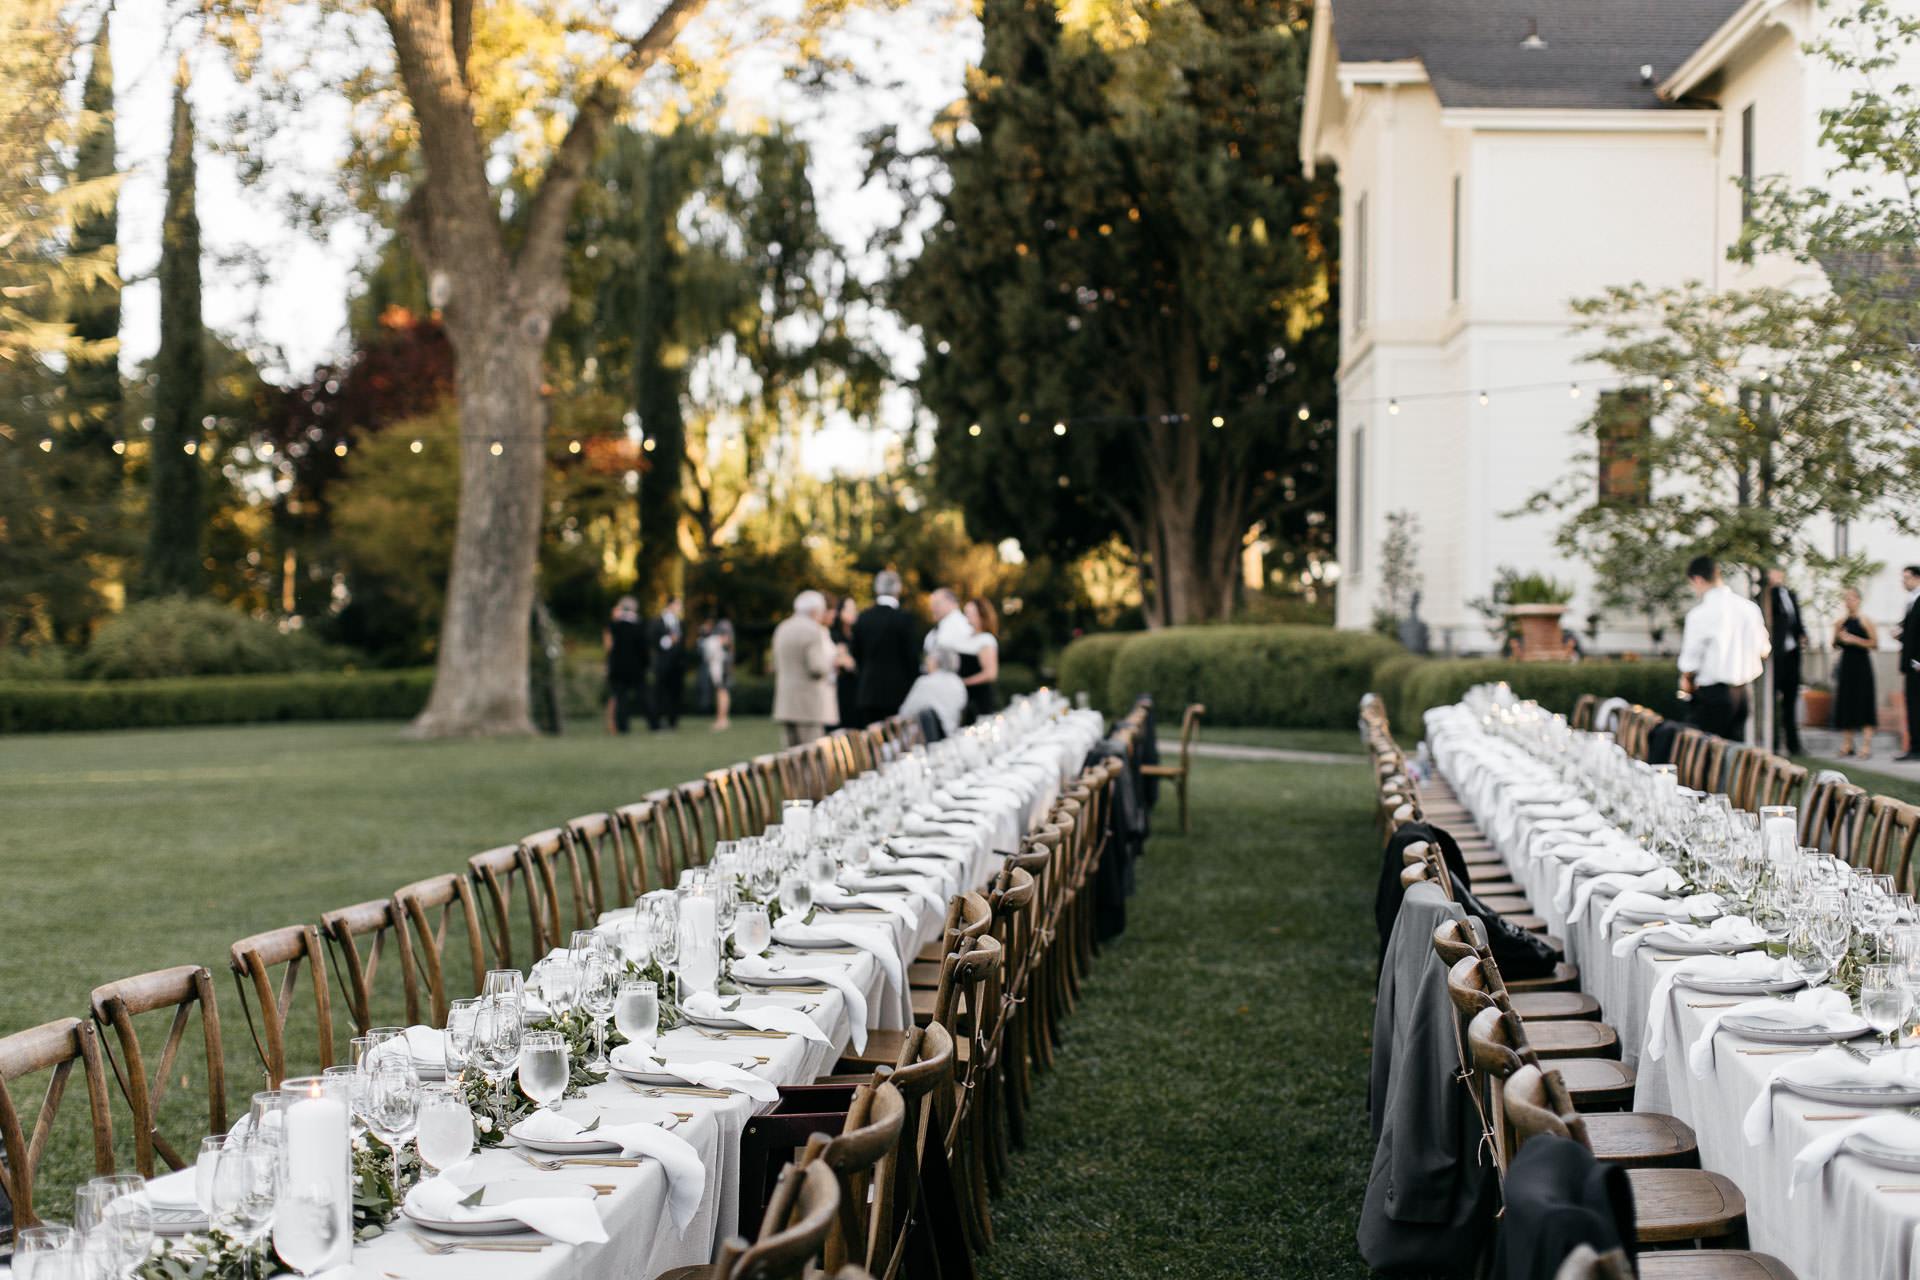 lauren_graham_wedding_california_park_winters_jeanlaurentgaudy_070